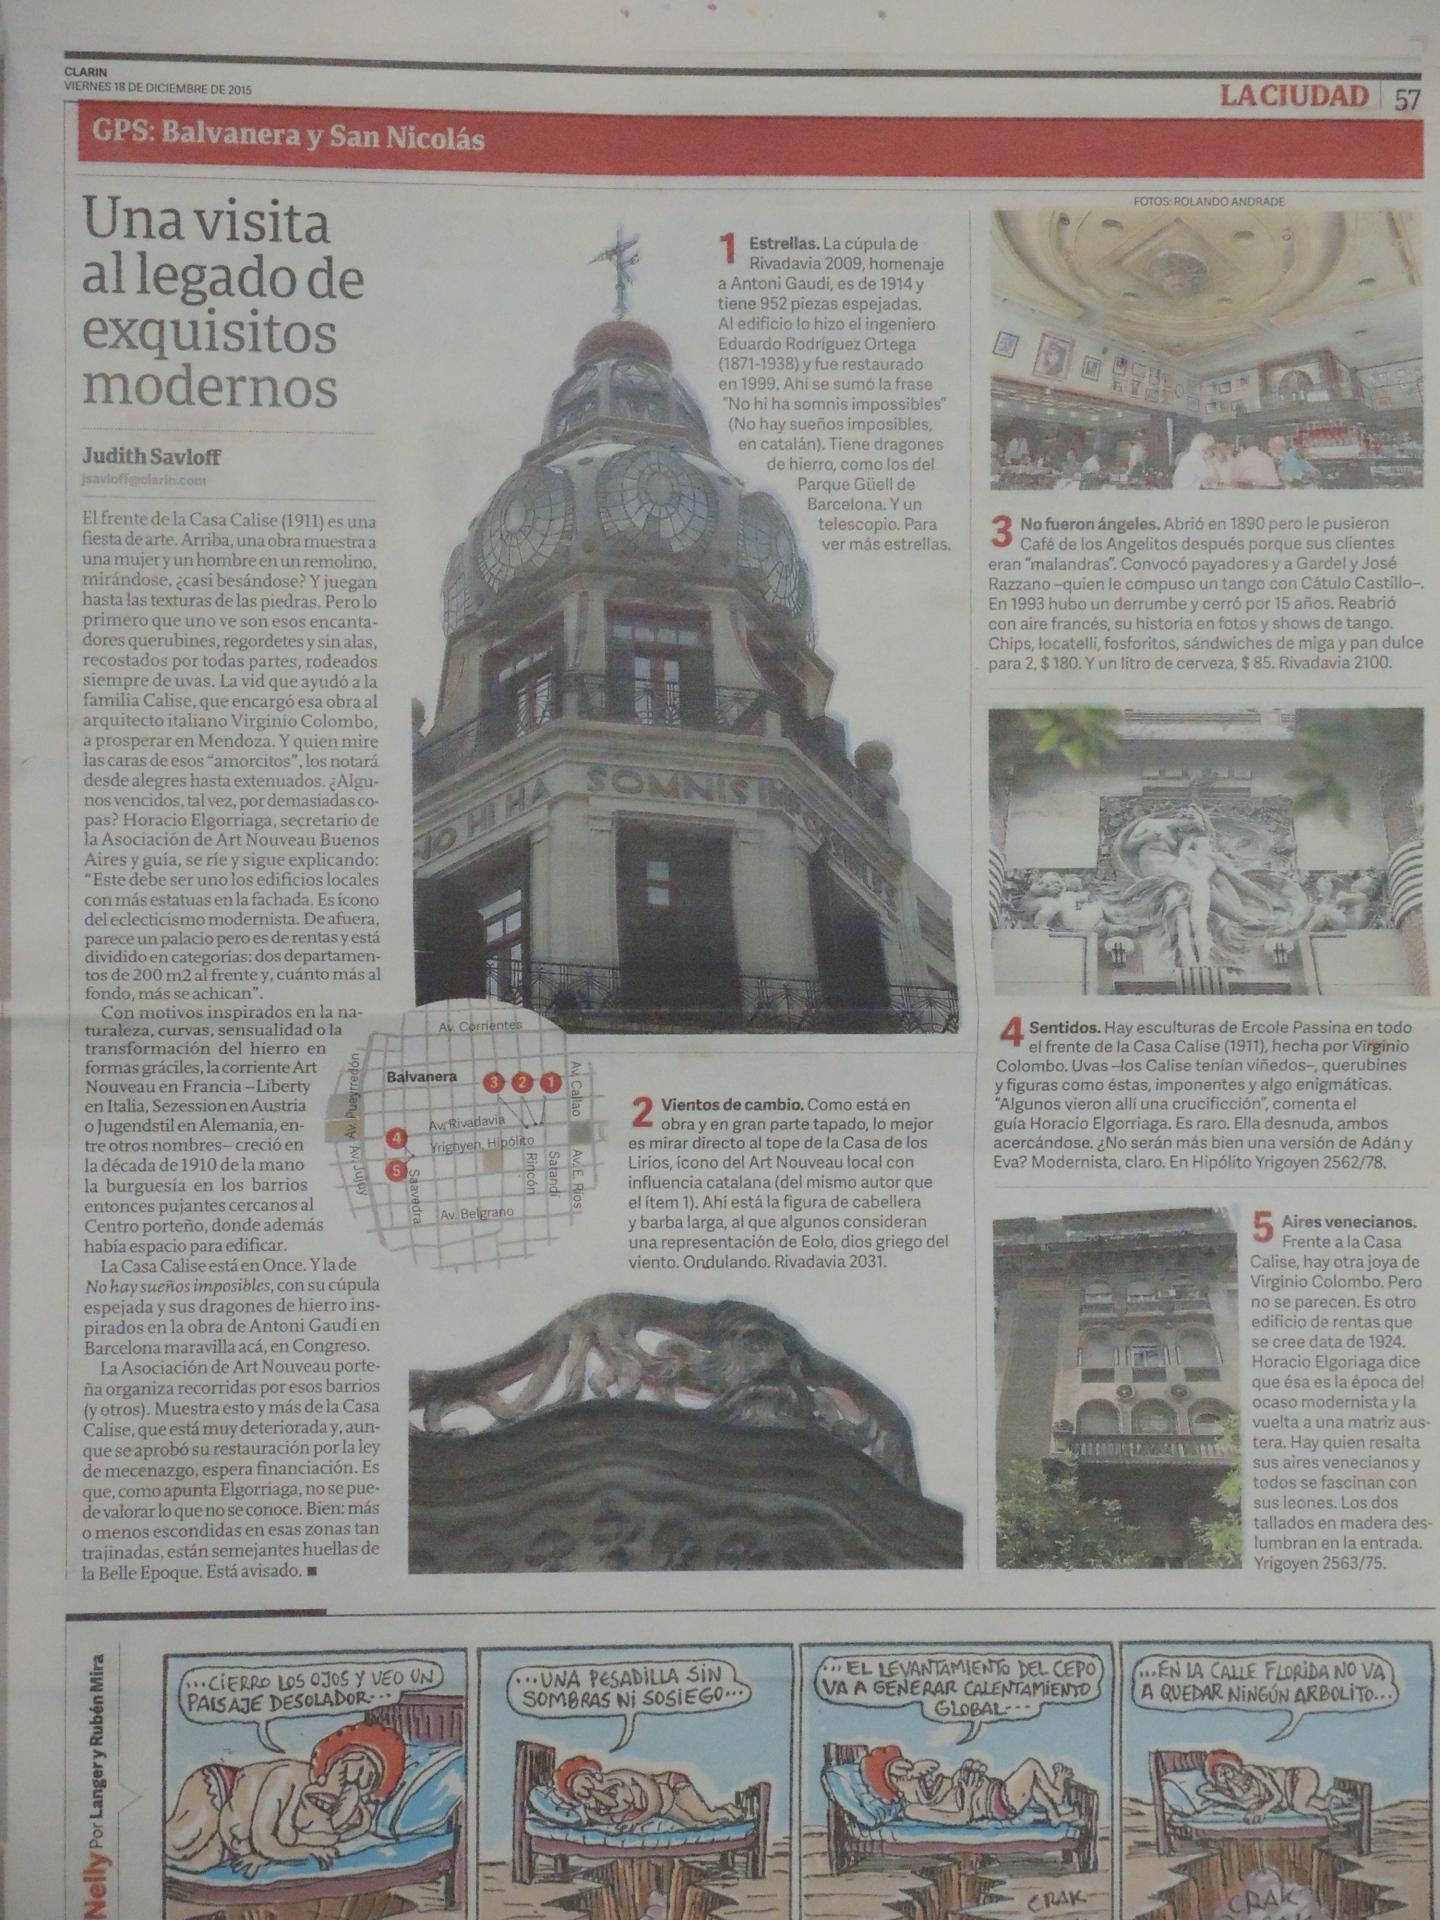 Diario CLARIN sobre nuestros recorridos y mapas